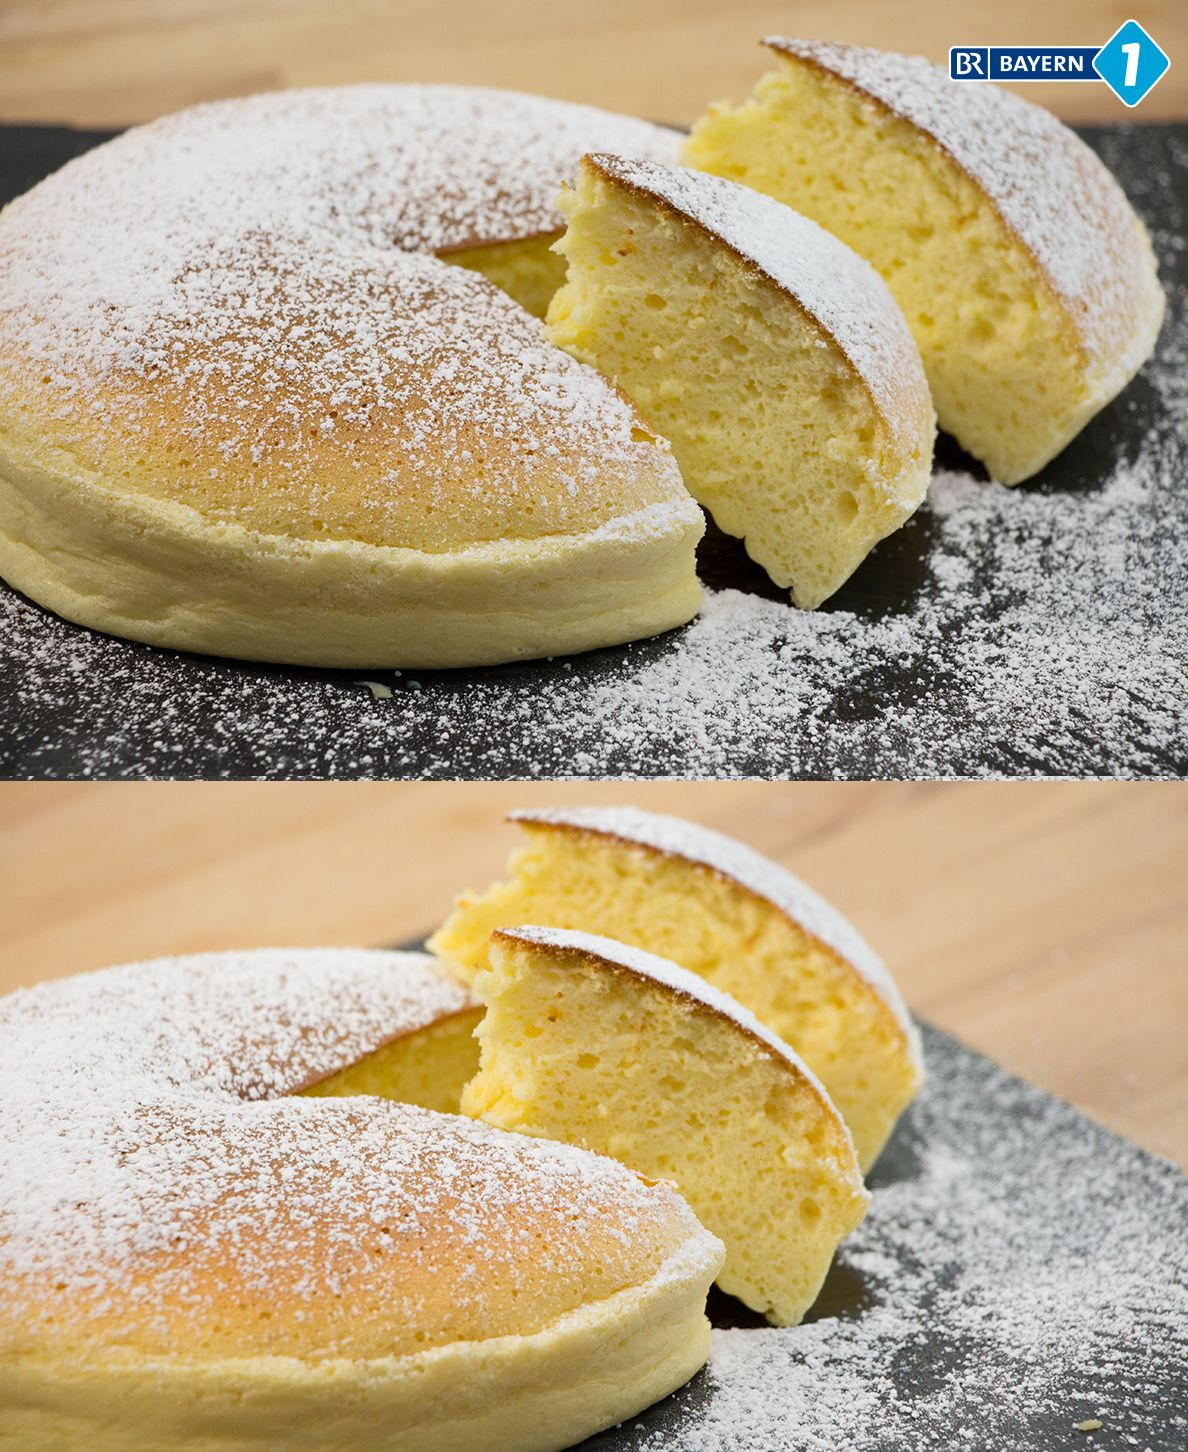 Japanischer Käsekuchen - ganz fluffig wird dieser superleckere Frischkäse-Kuchen durch ganz viel Eischnee und das Backen im Wasserbad. Unbedingt nachmachen, geht gar nicht so schwer mit unserem Rezept!  #Cheesecake #backen #Kaesekuchen #japanischerkäsekuchen